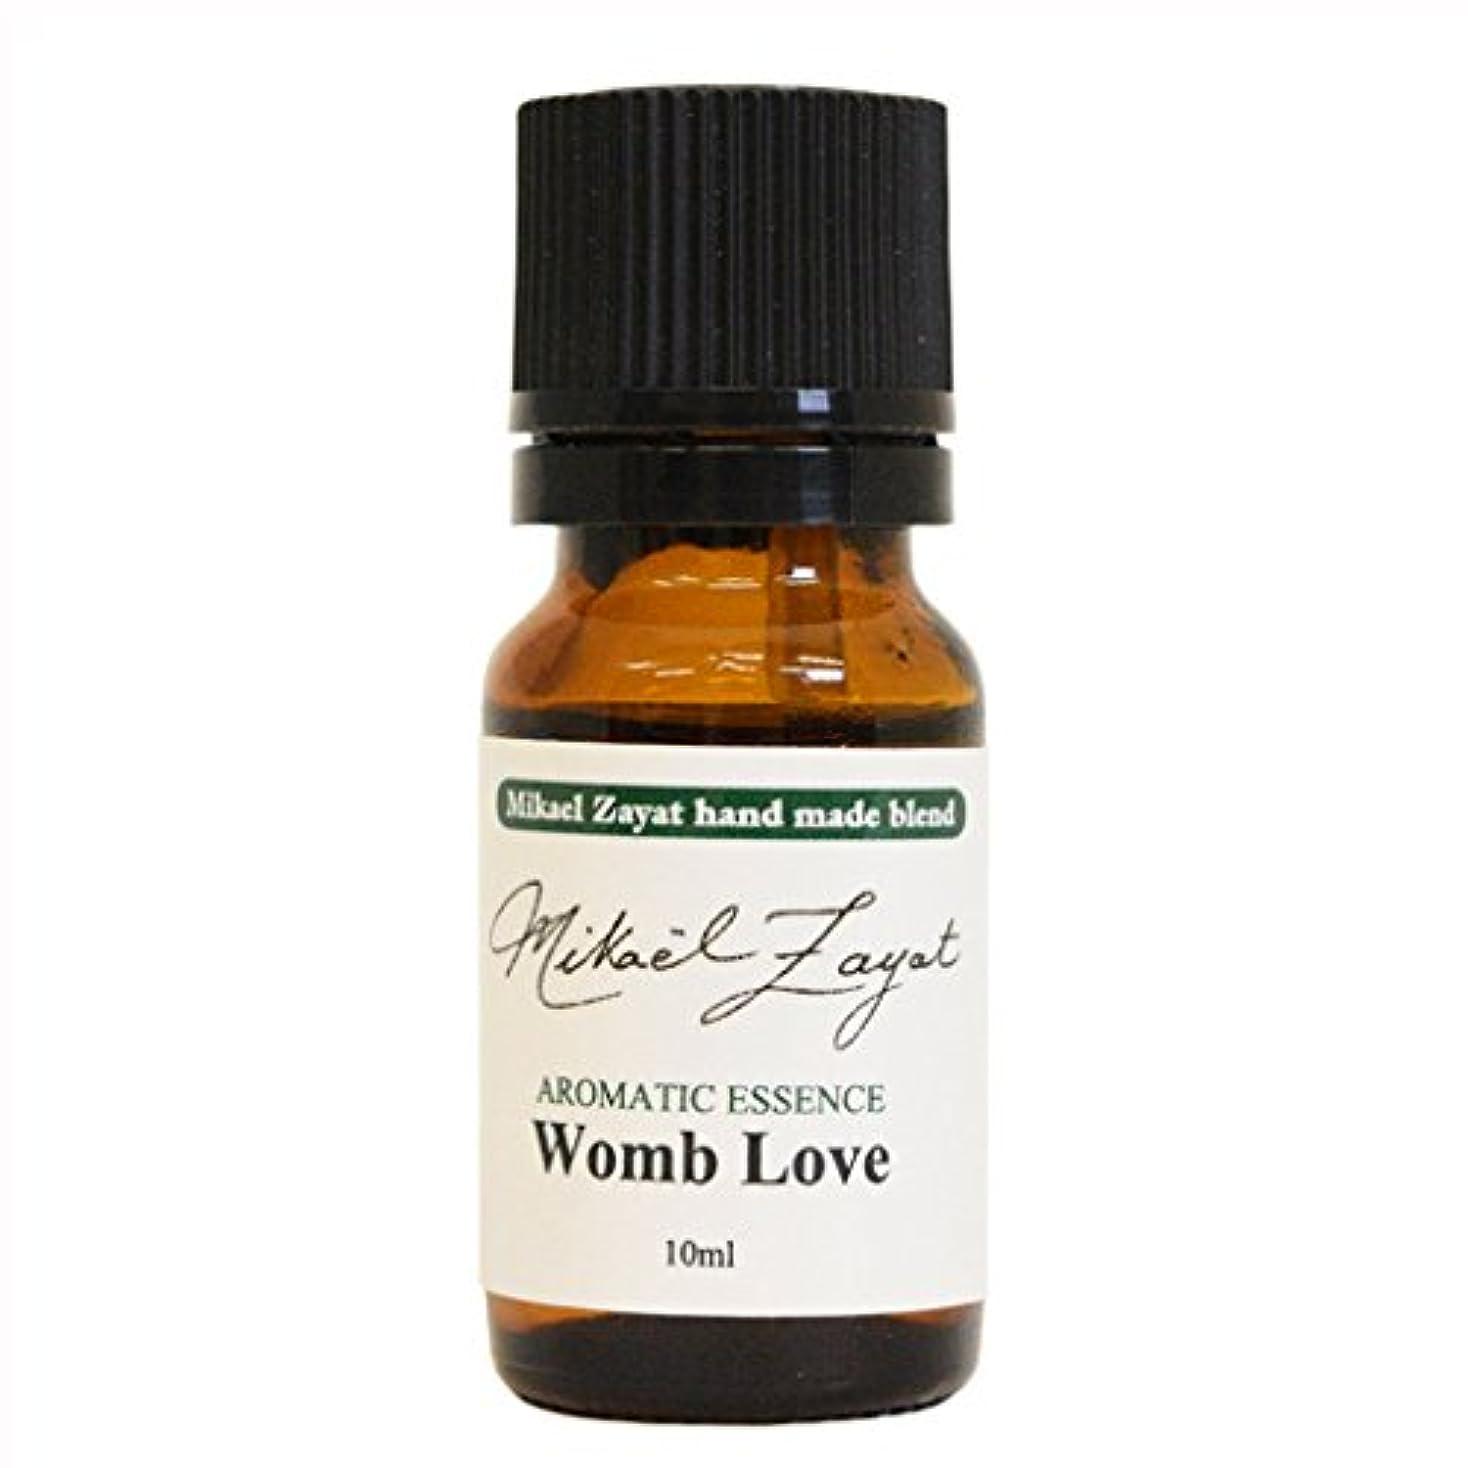 ルーキー無線無謀ミカエルザヤット Womb Love 10ml / Mikael Zayat hand made blend